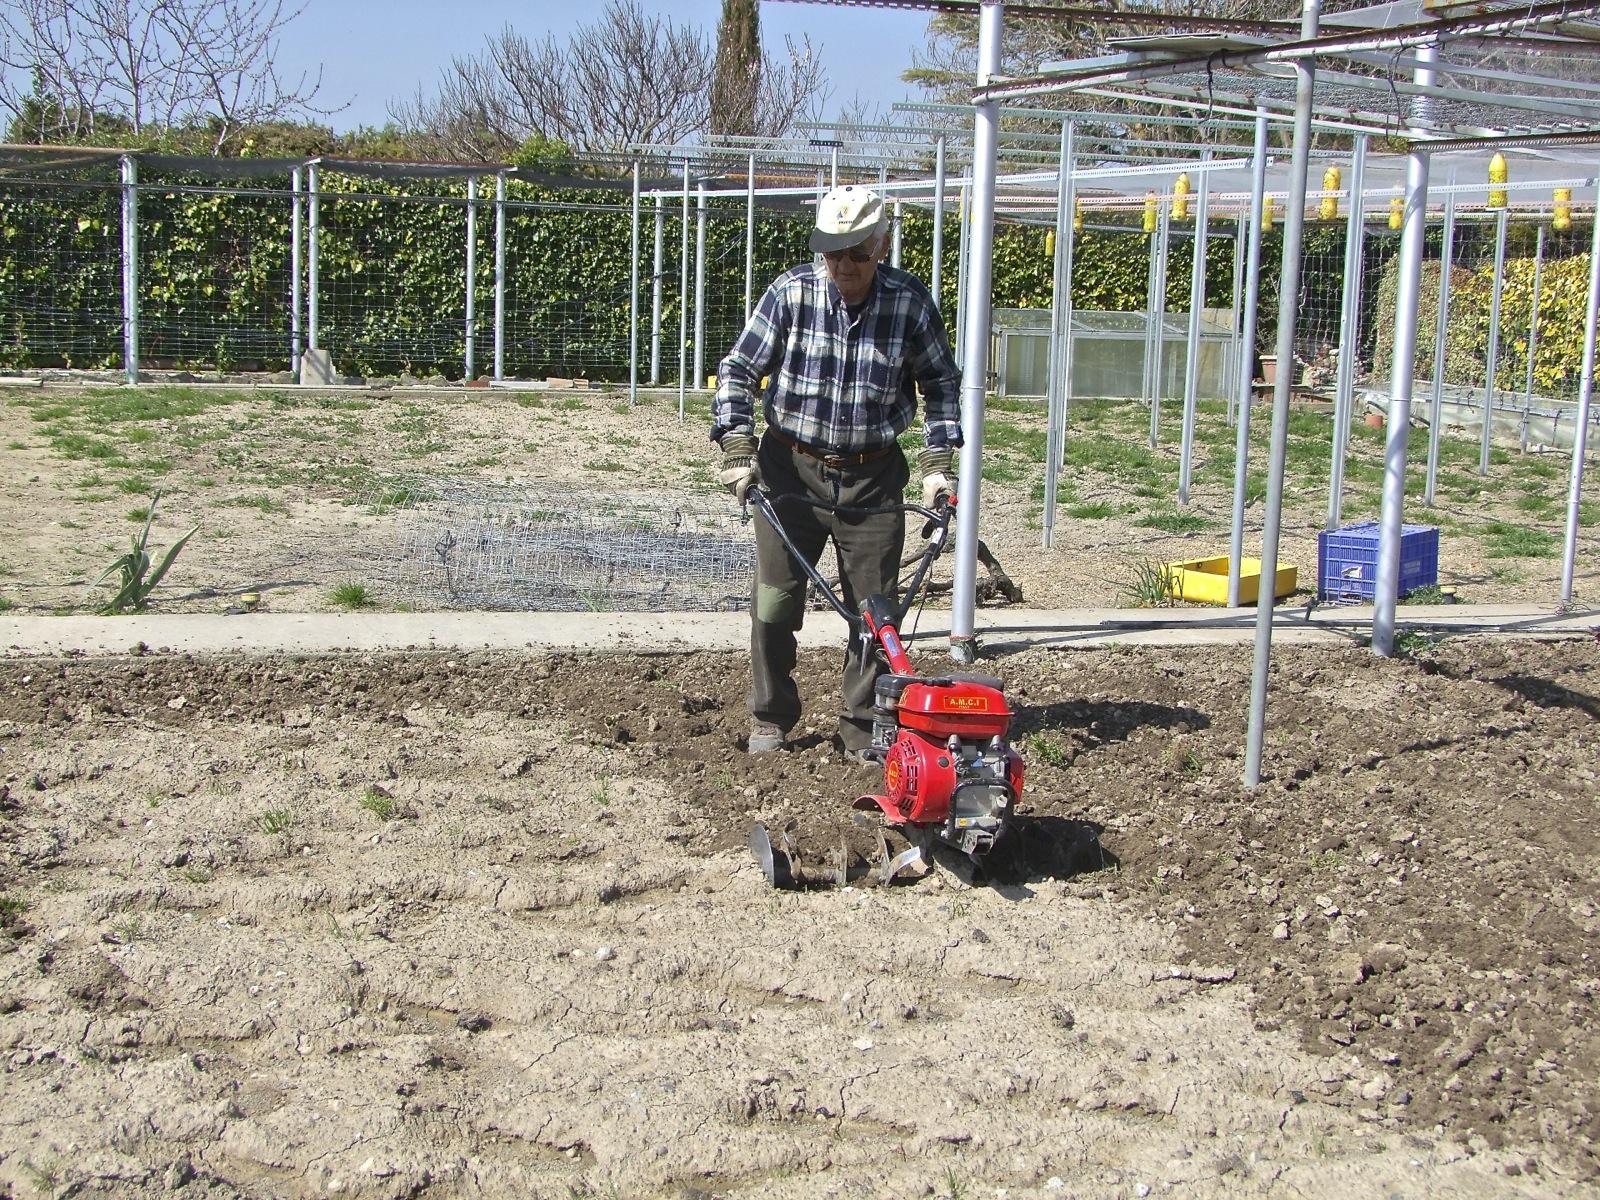 Sembrar las patatas el huerto familiar for Preparar el huerto en invierno